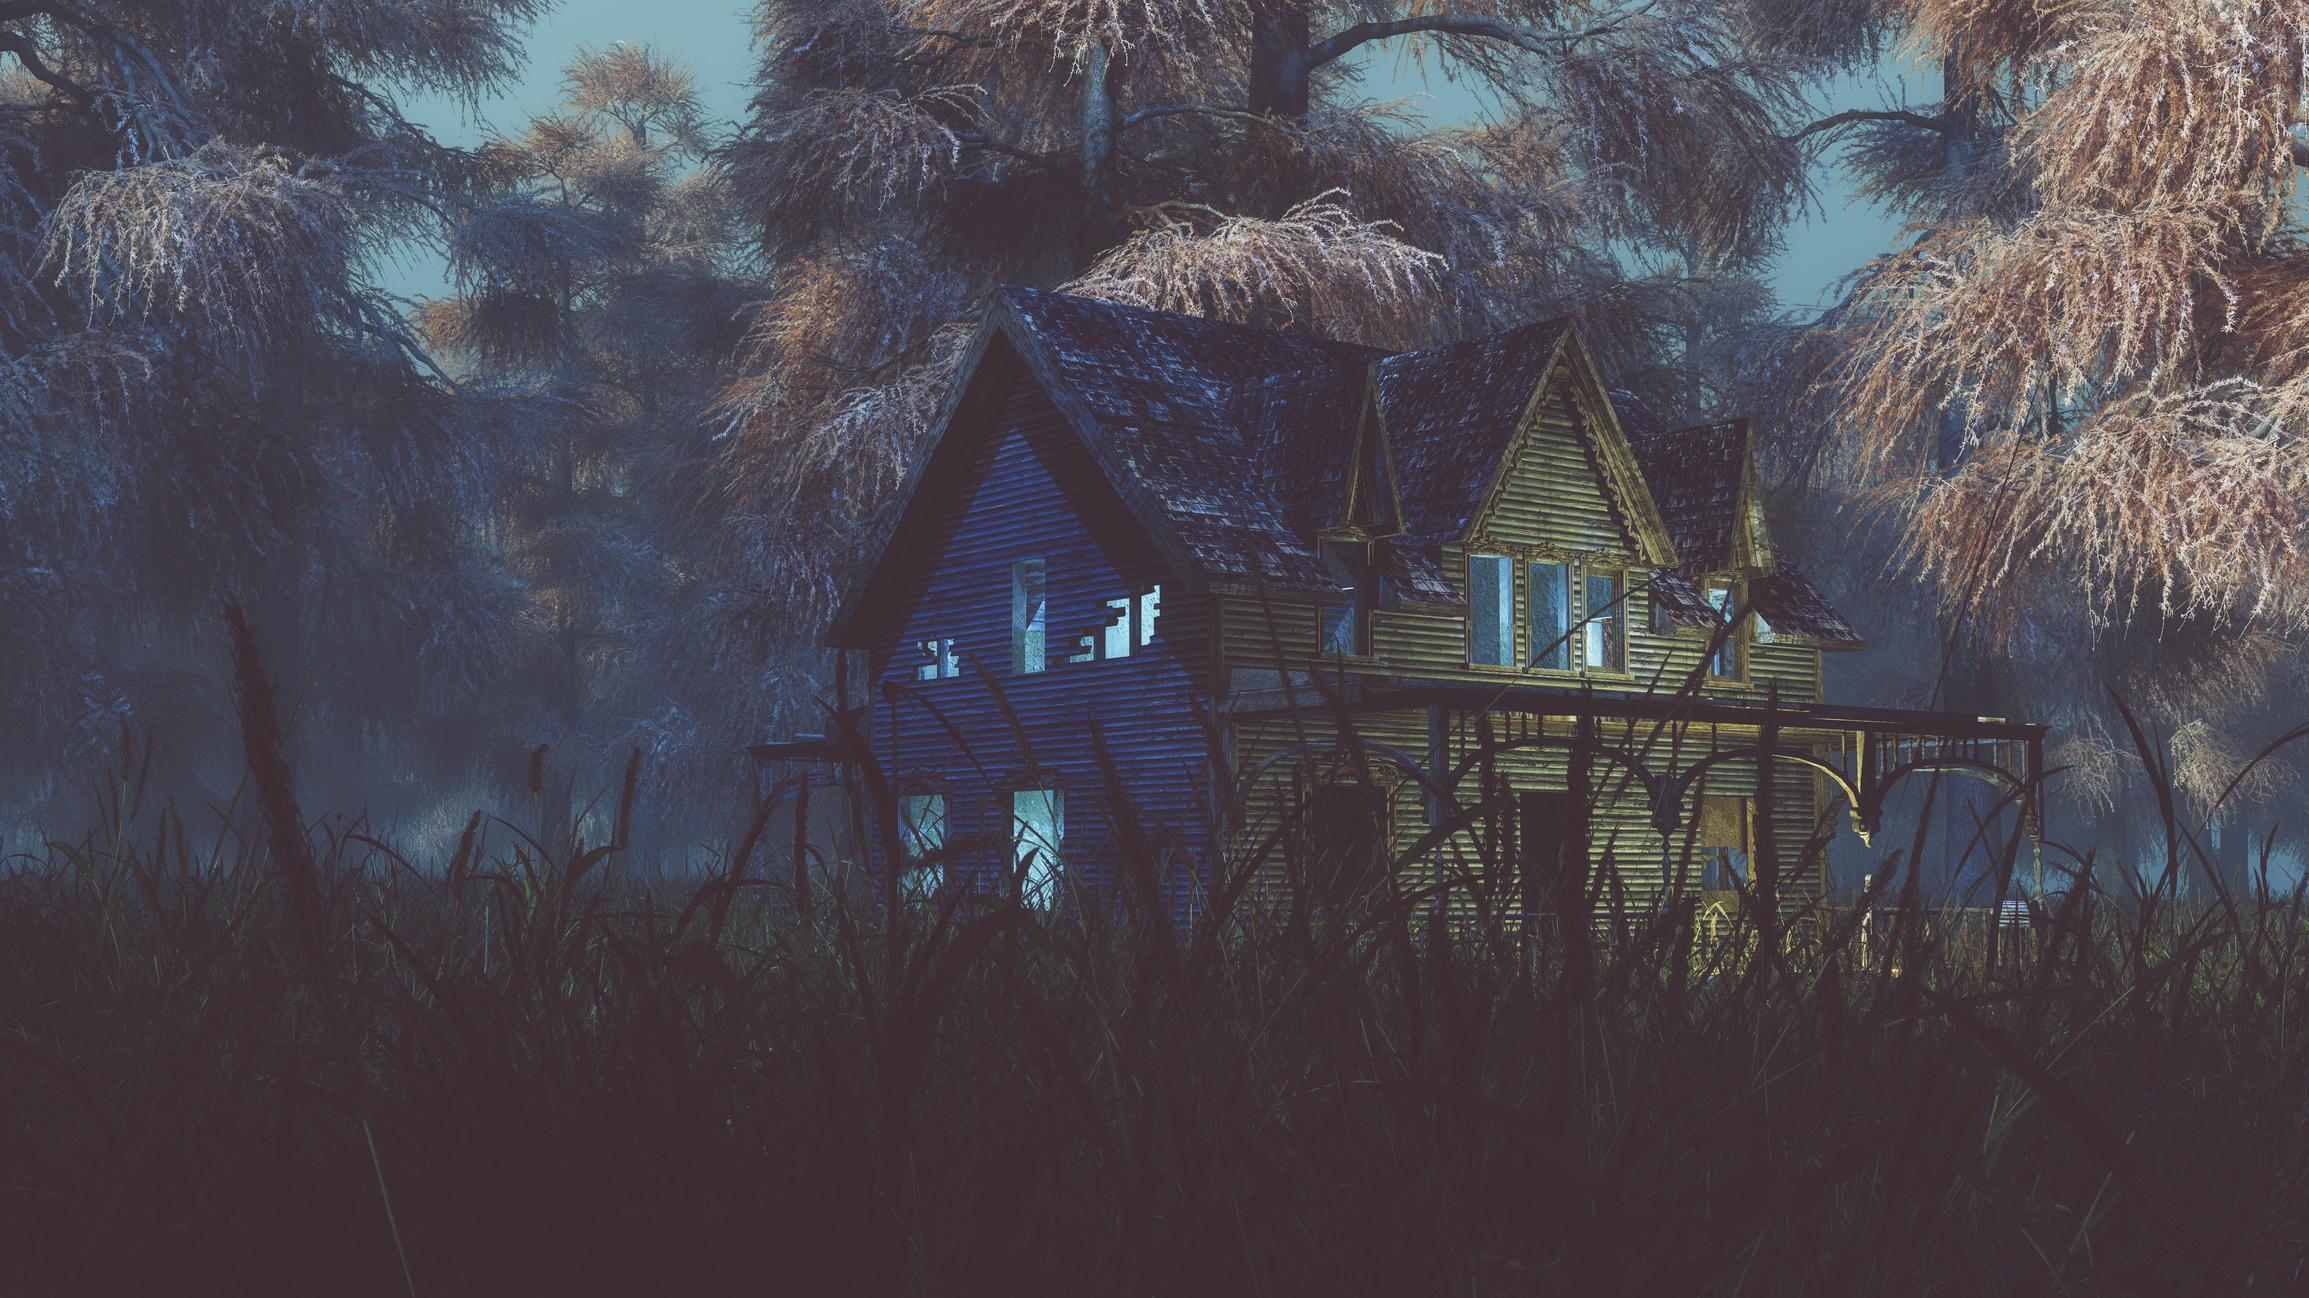 Halloweek: Hometown Haunts